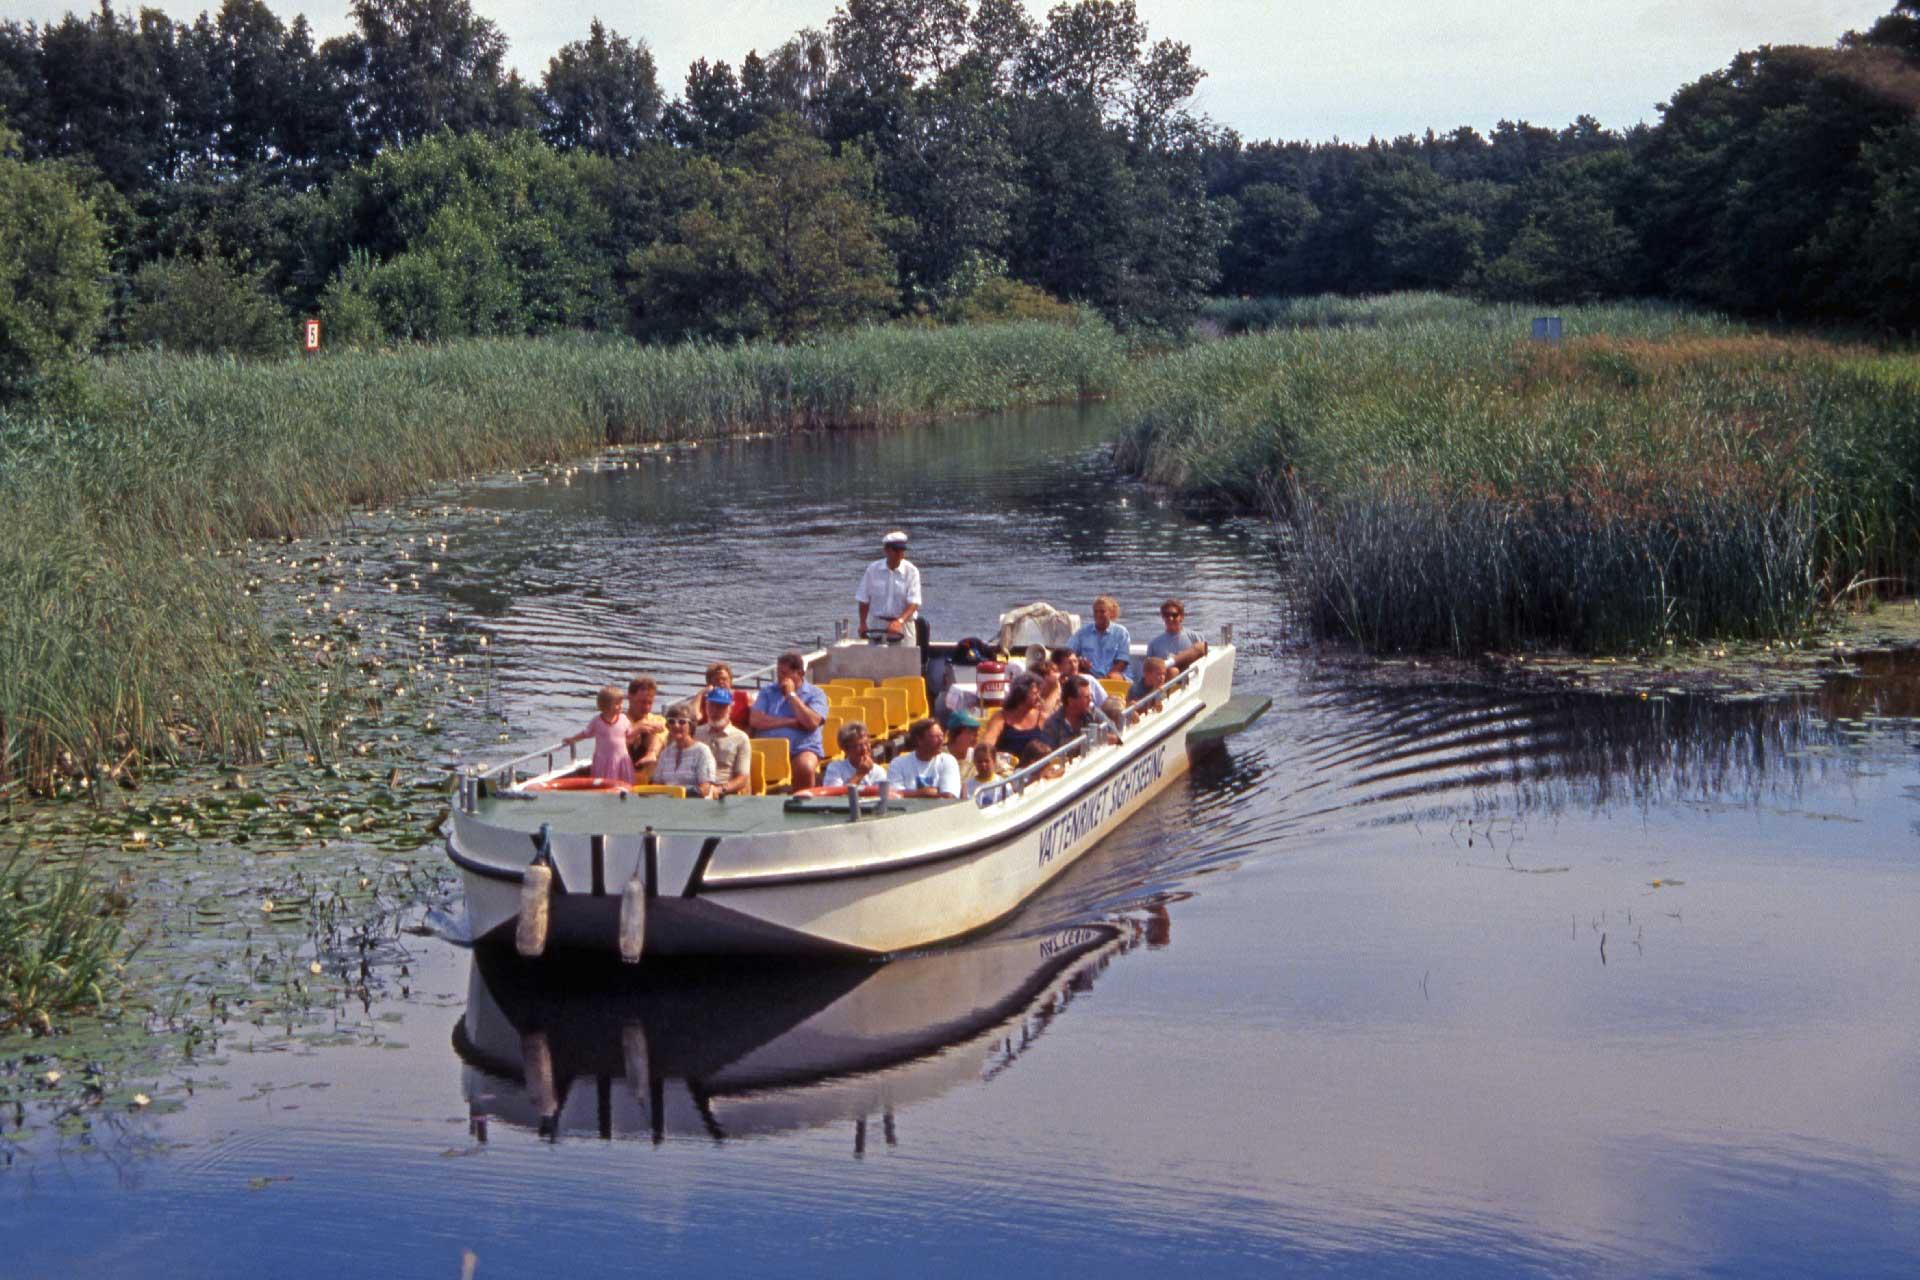 1994 började Flodbåten köra besökare i Vattenriket.